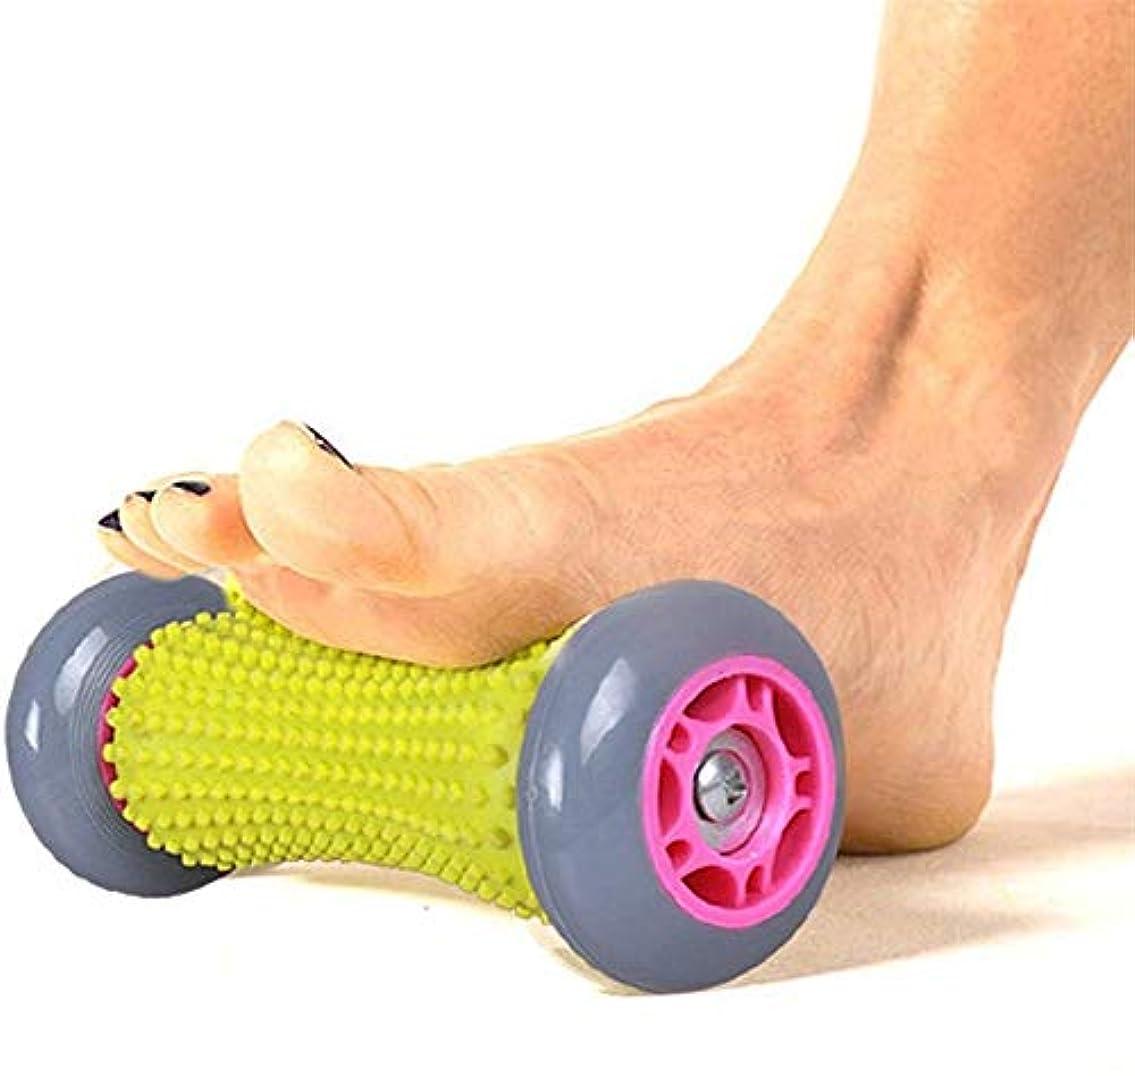 引き算暗くする吐き出すフットマッサージローラー、足の上にタイトな筋肉、全体的にリラックス、ストレスリリーフとトリガーポイントセラピーのための足底筋膜炎のかかと足のアーチの痛みリフレクソロジーツールパーフェクトを和らげます